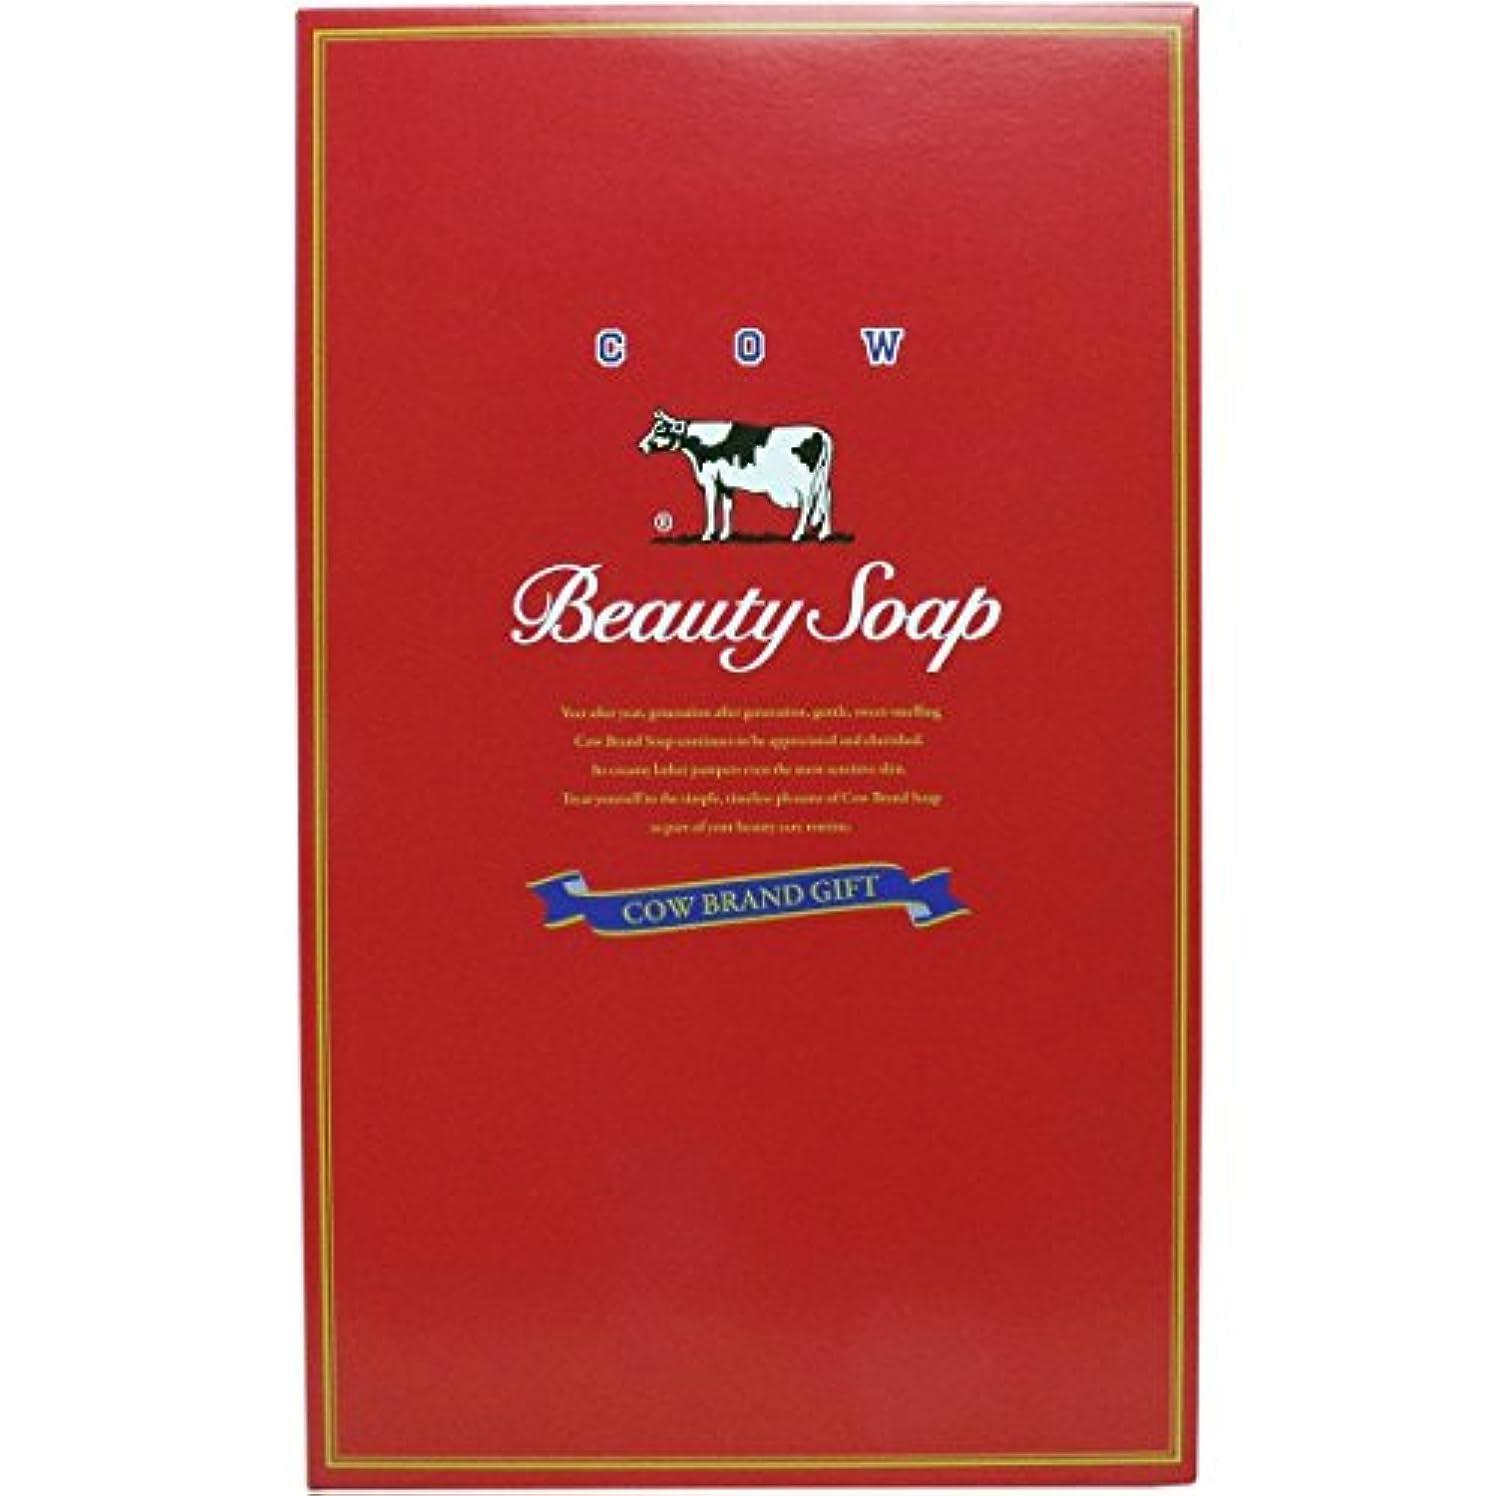 密度補償安定しました牛乳石鹸共進社 カウブランド石鹸 赤箱 100g×10個×3箱